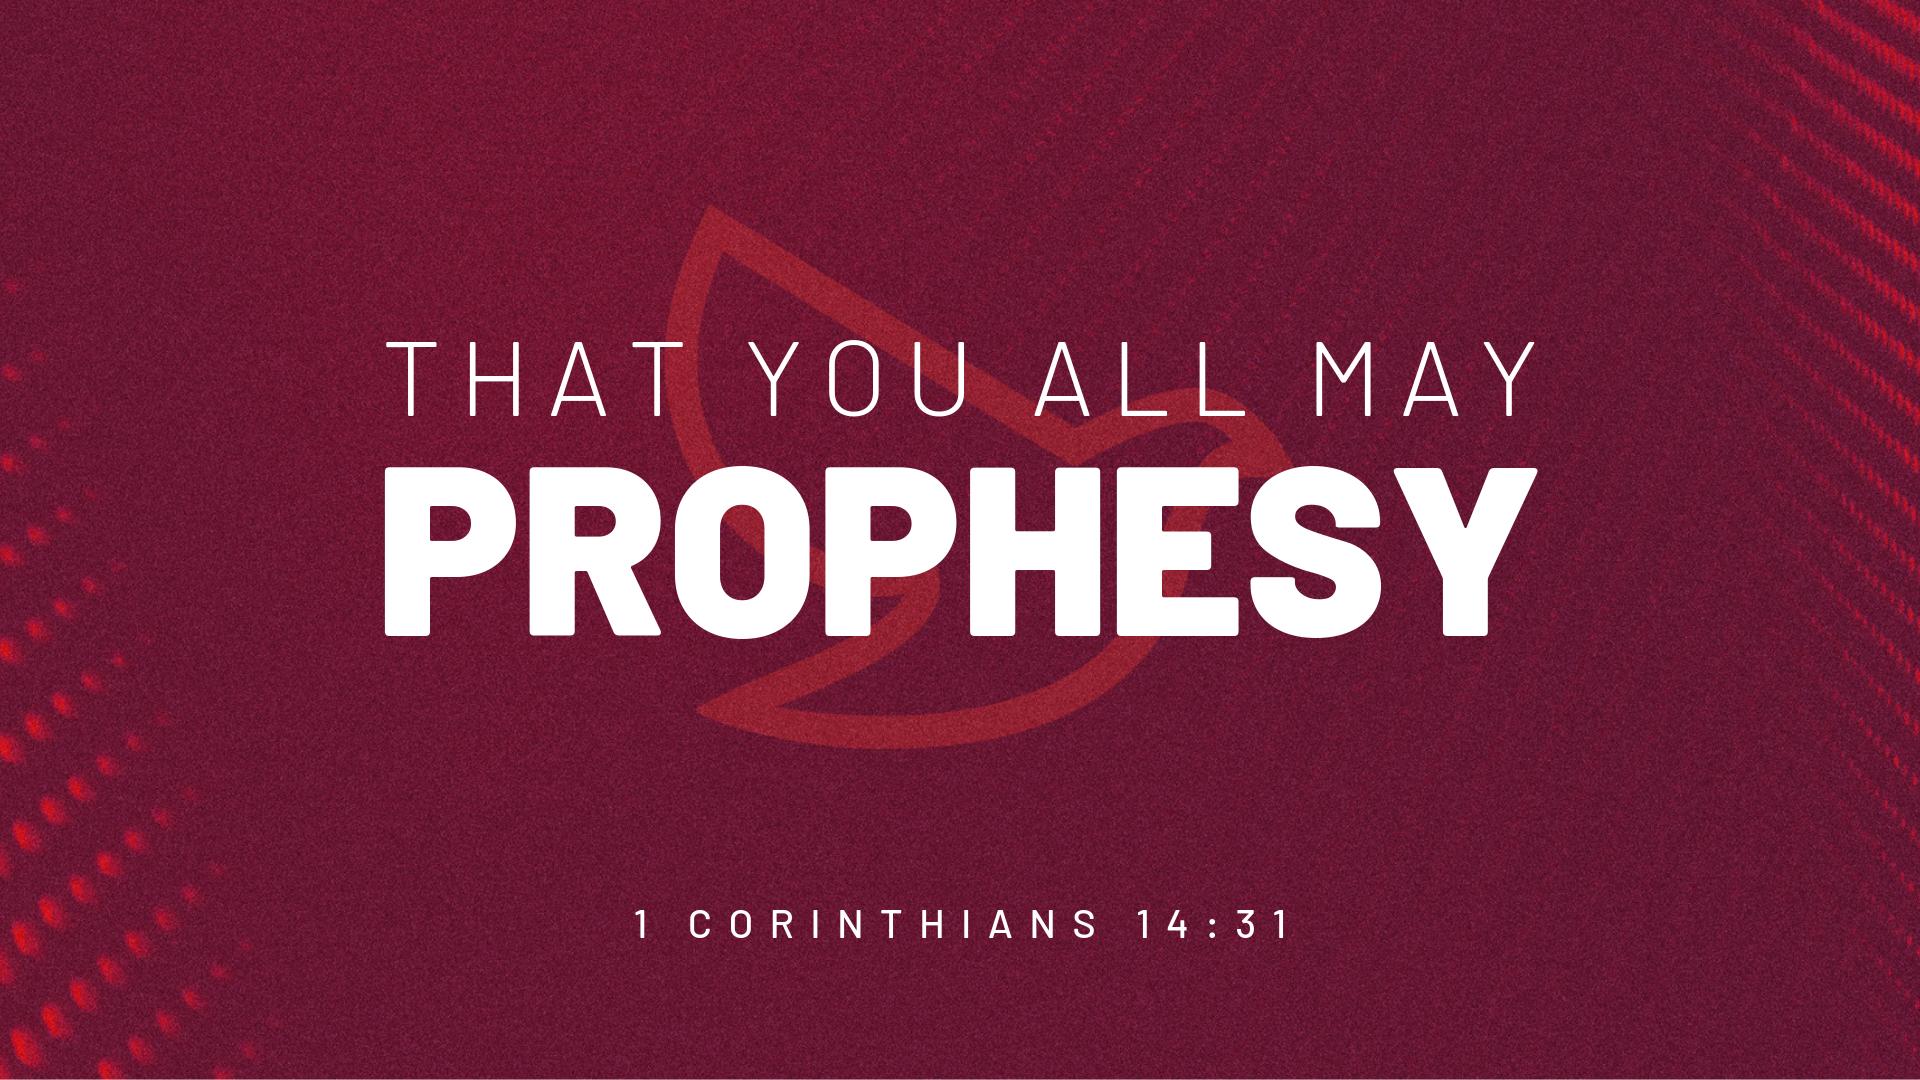 Prophesy Message Slide.png